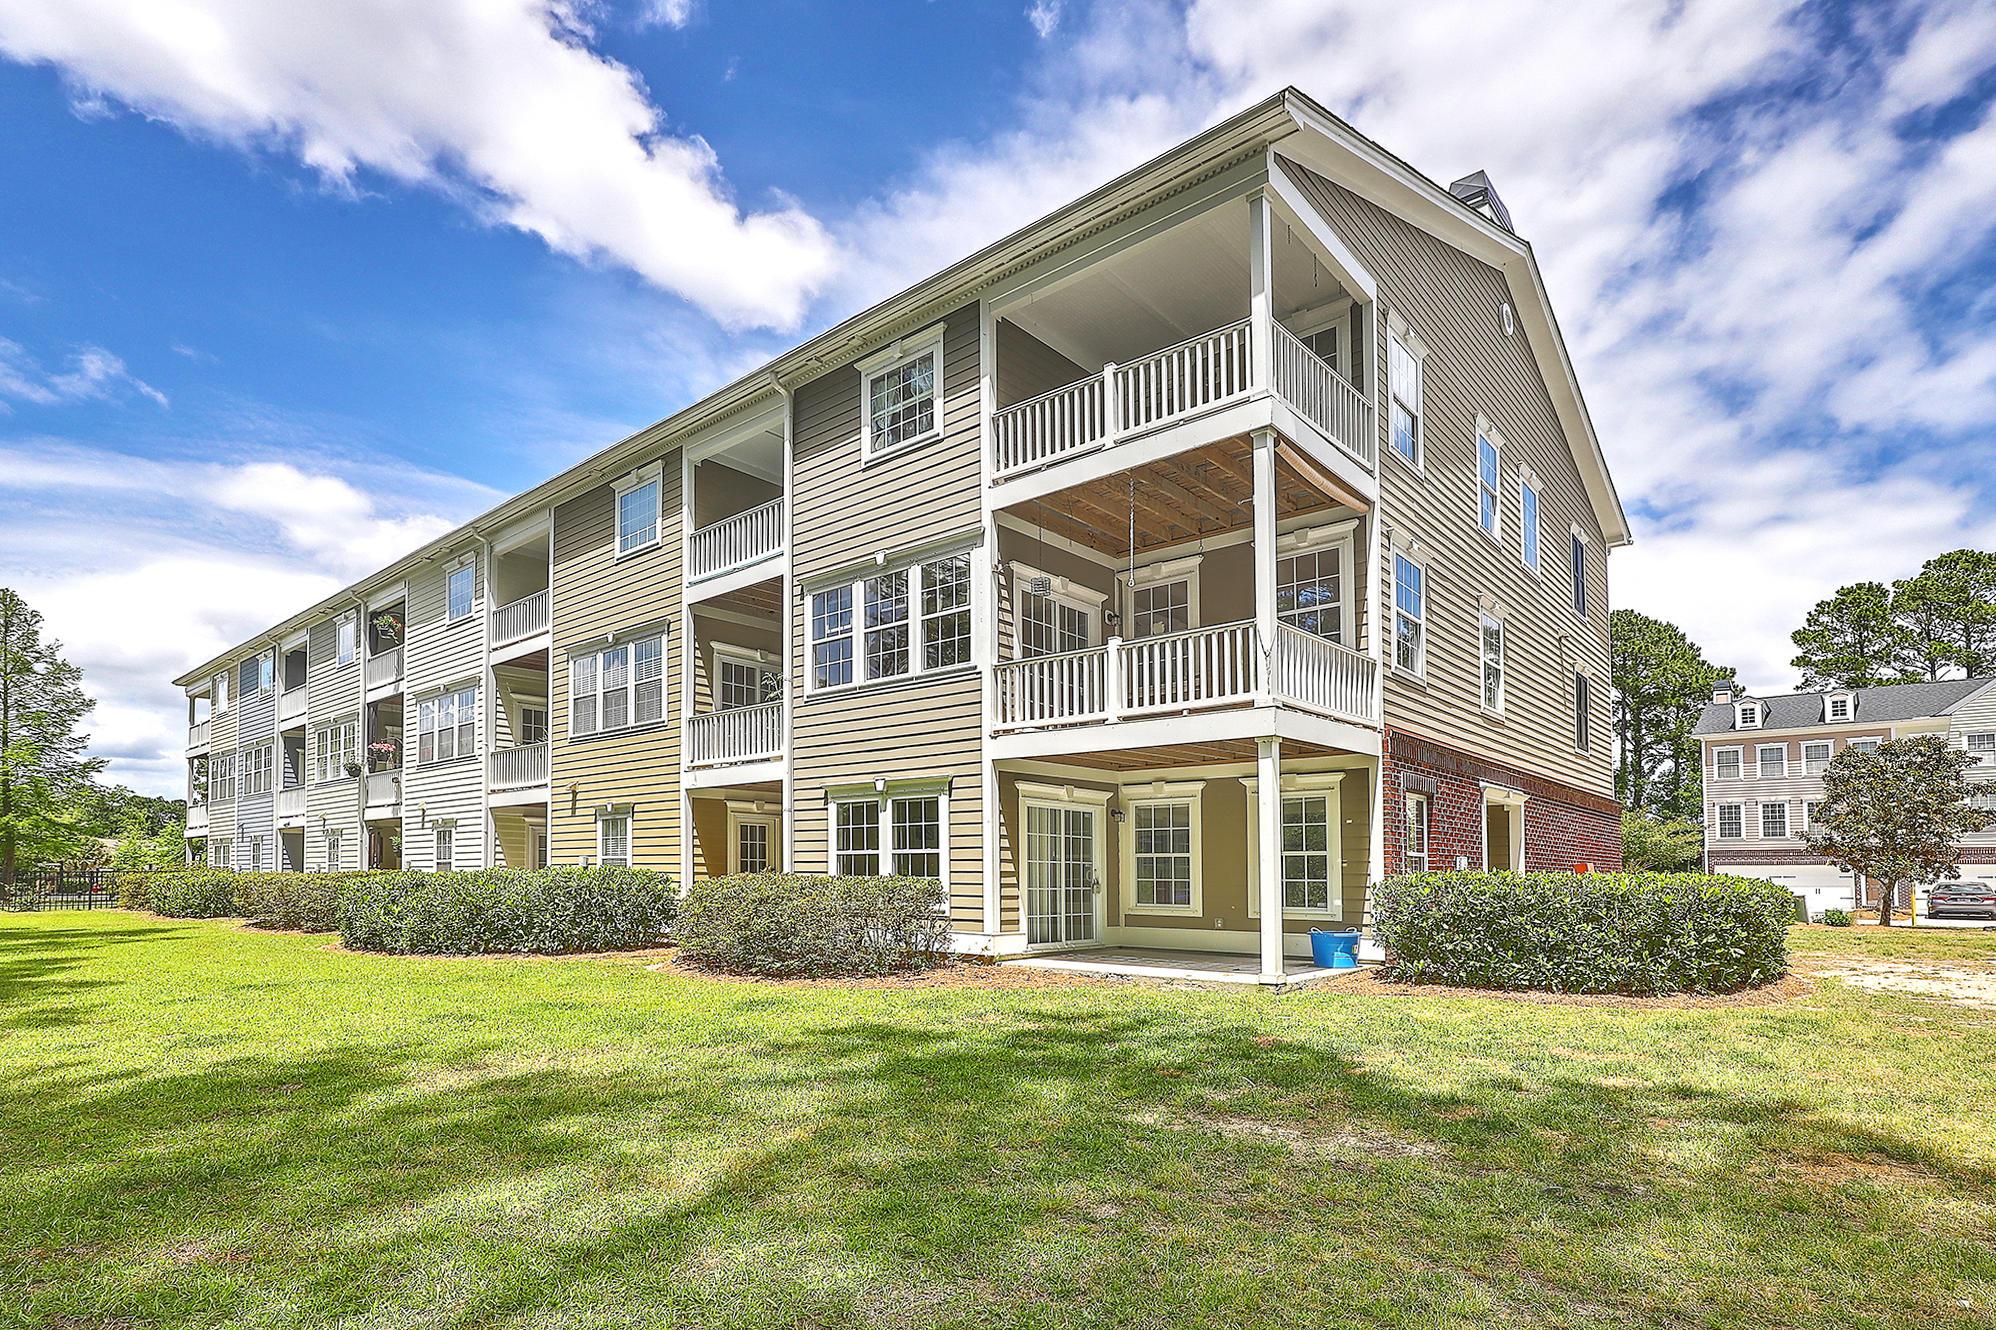 Kensington at Park West Homes For Sale - 3521 Claremont, Mount Pleasant, SC - 30